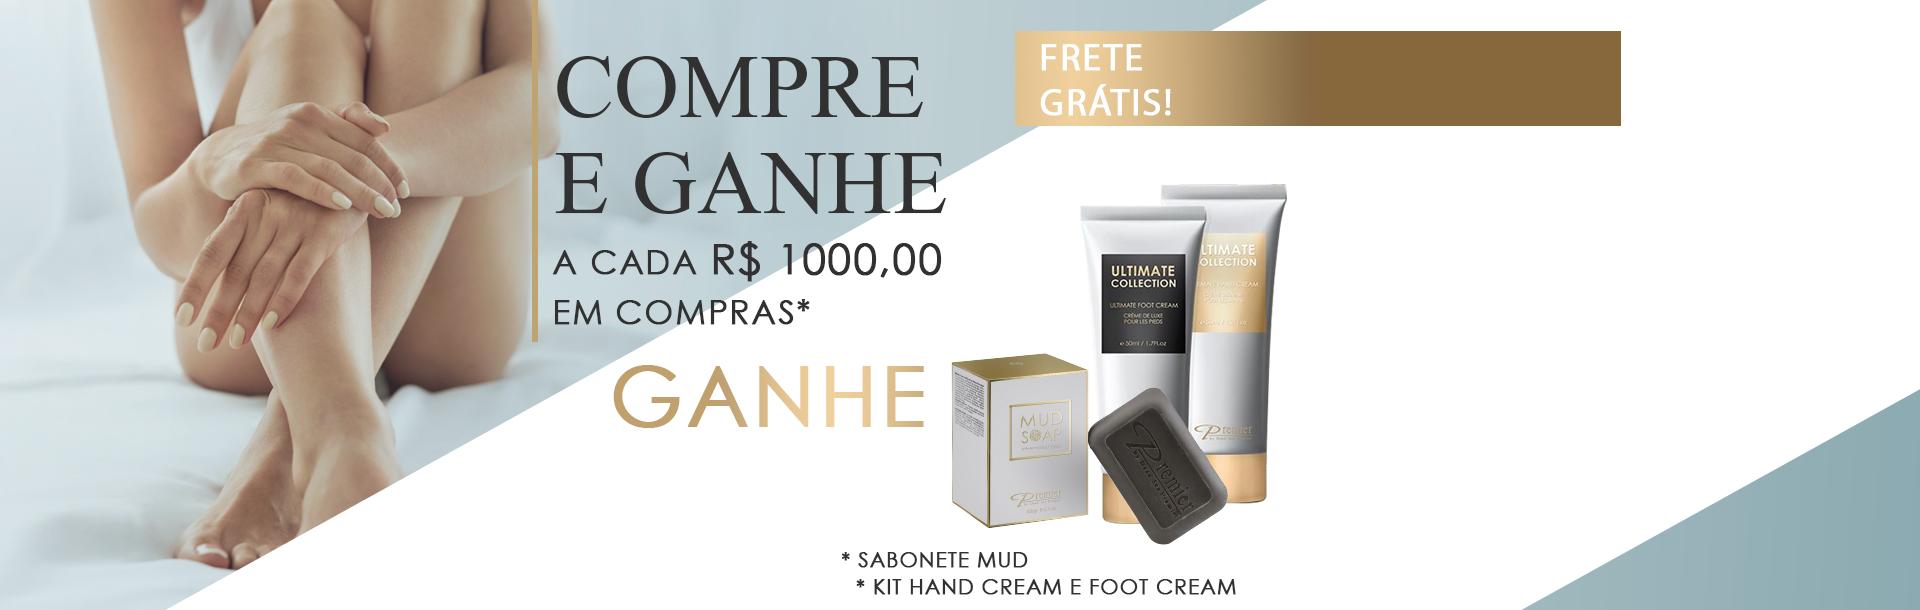 compre_ganhe2